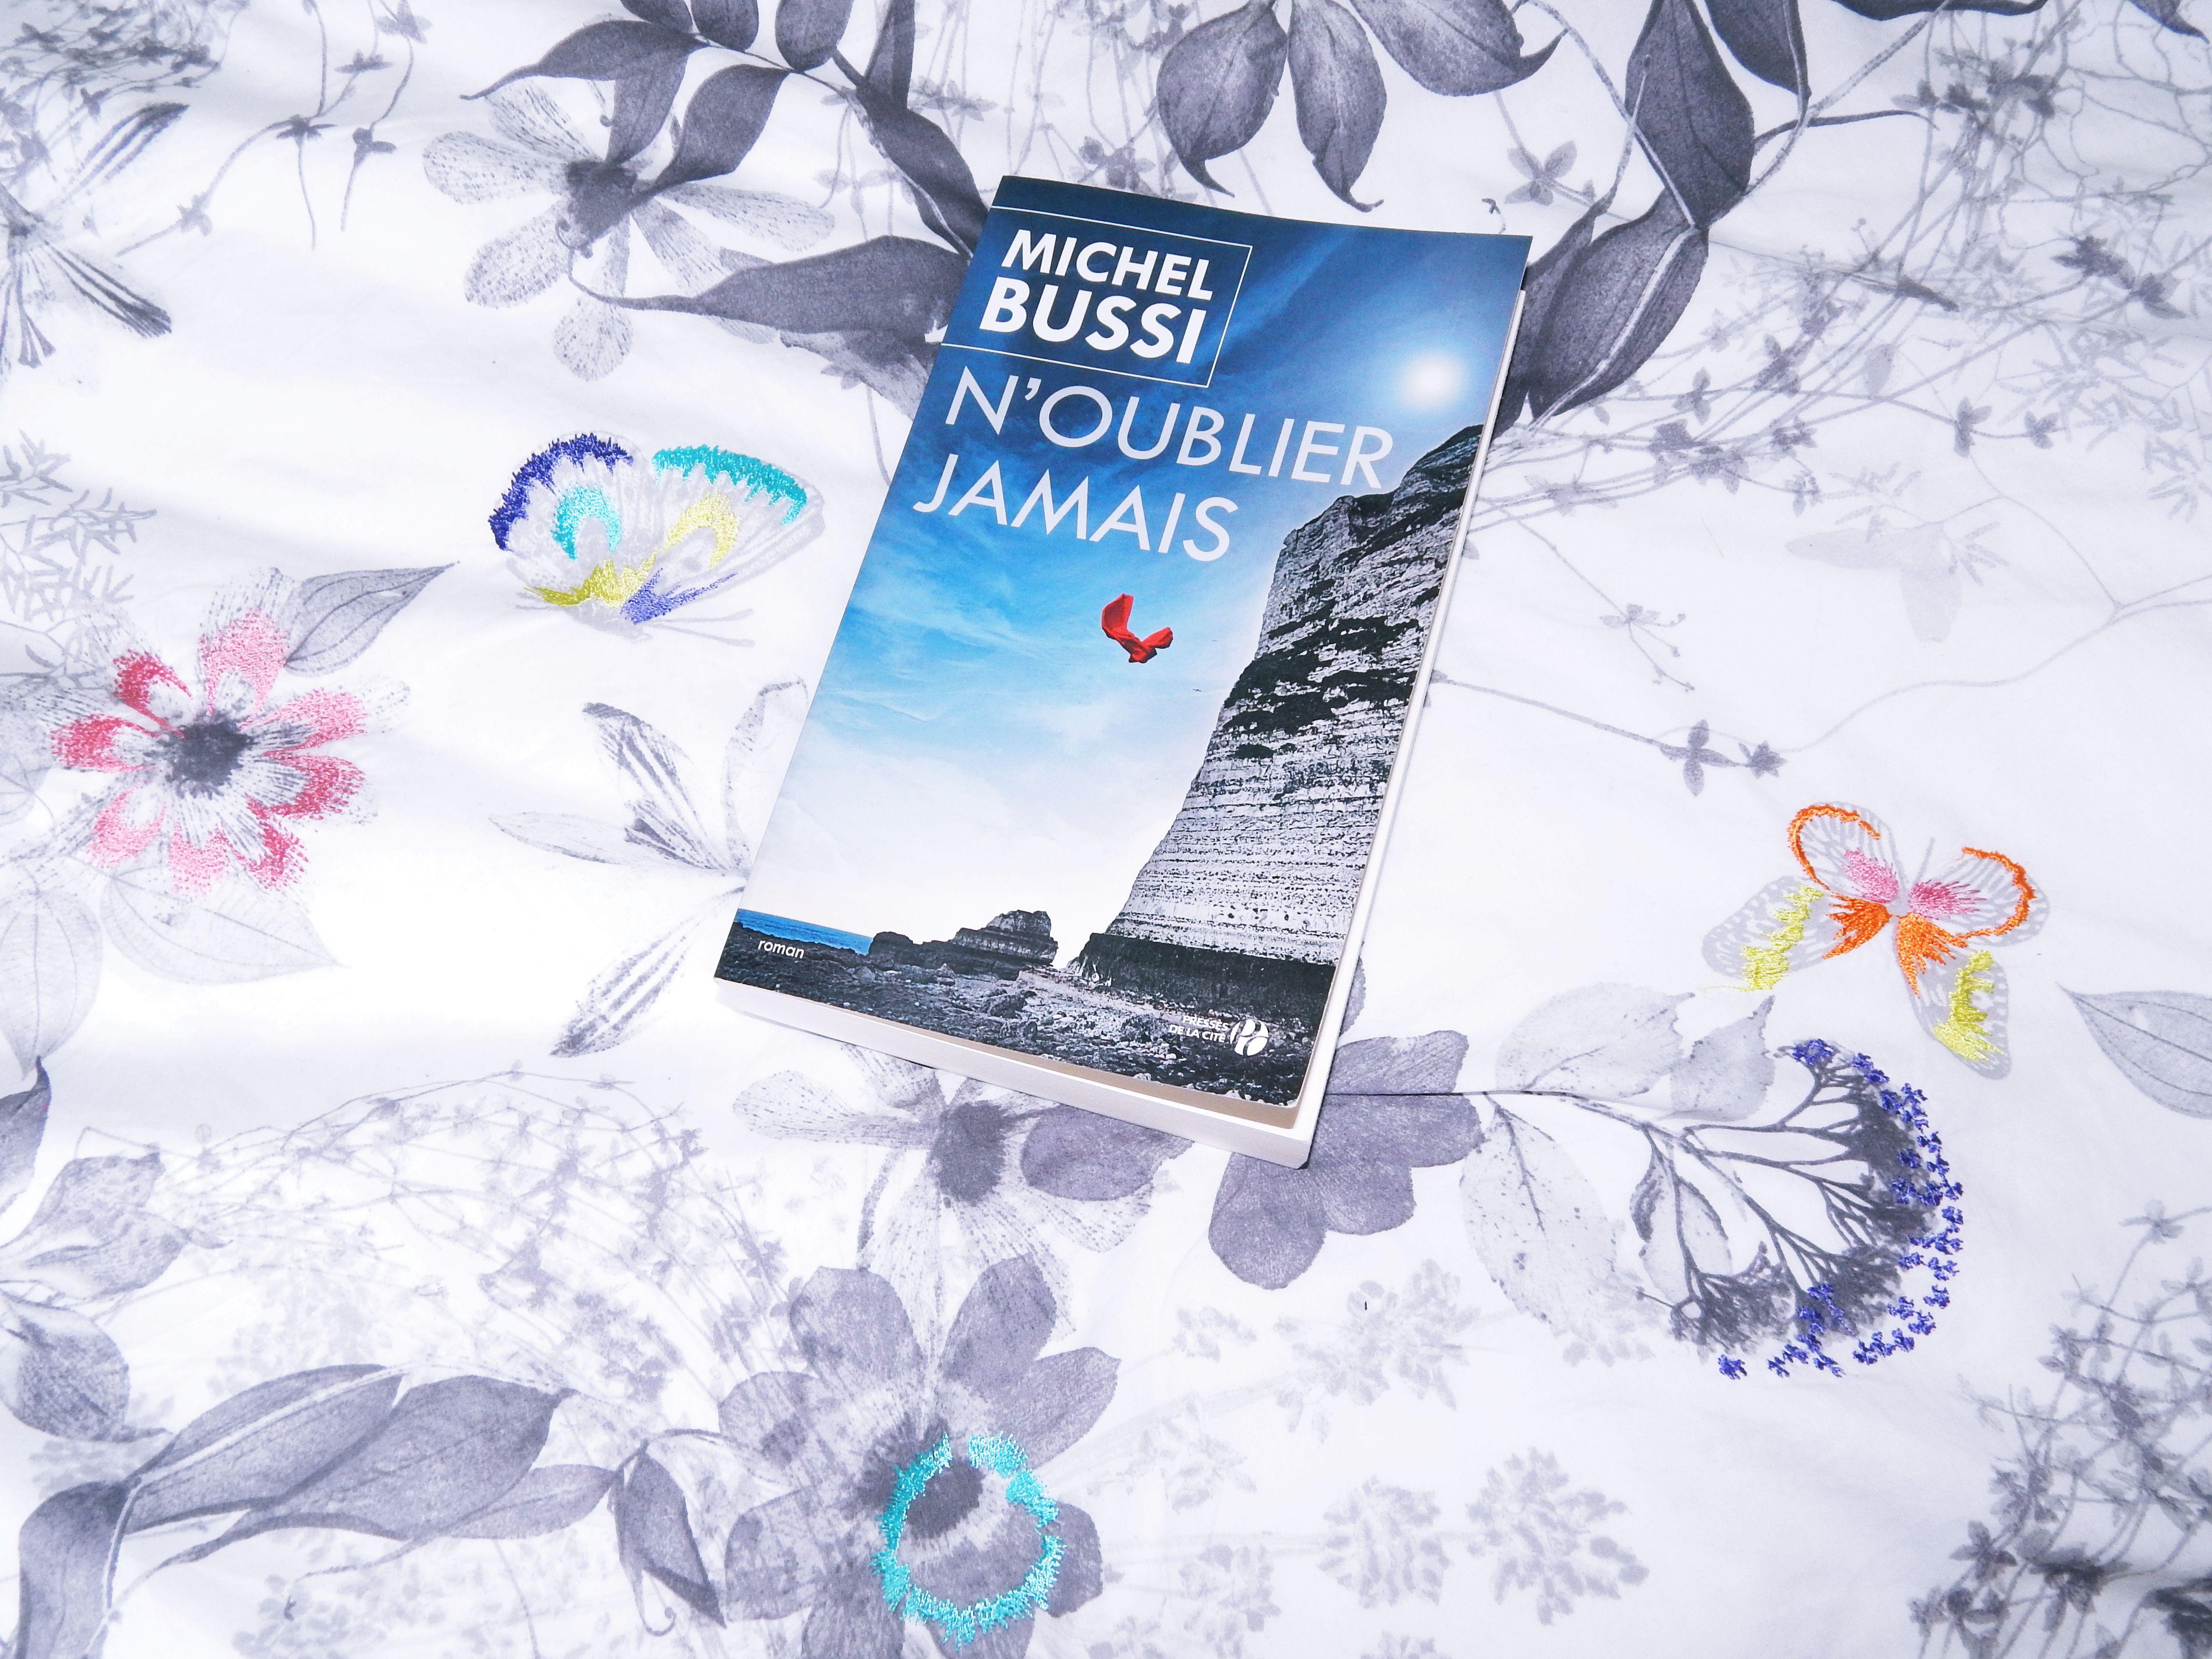 N'oublier Jamais - Michel Bussi [Lecture]